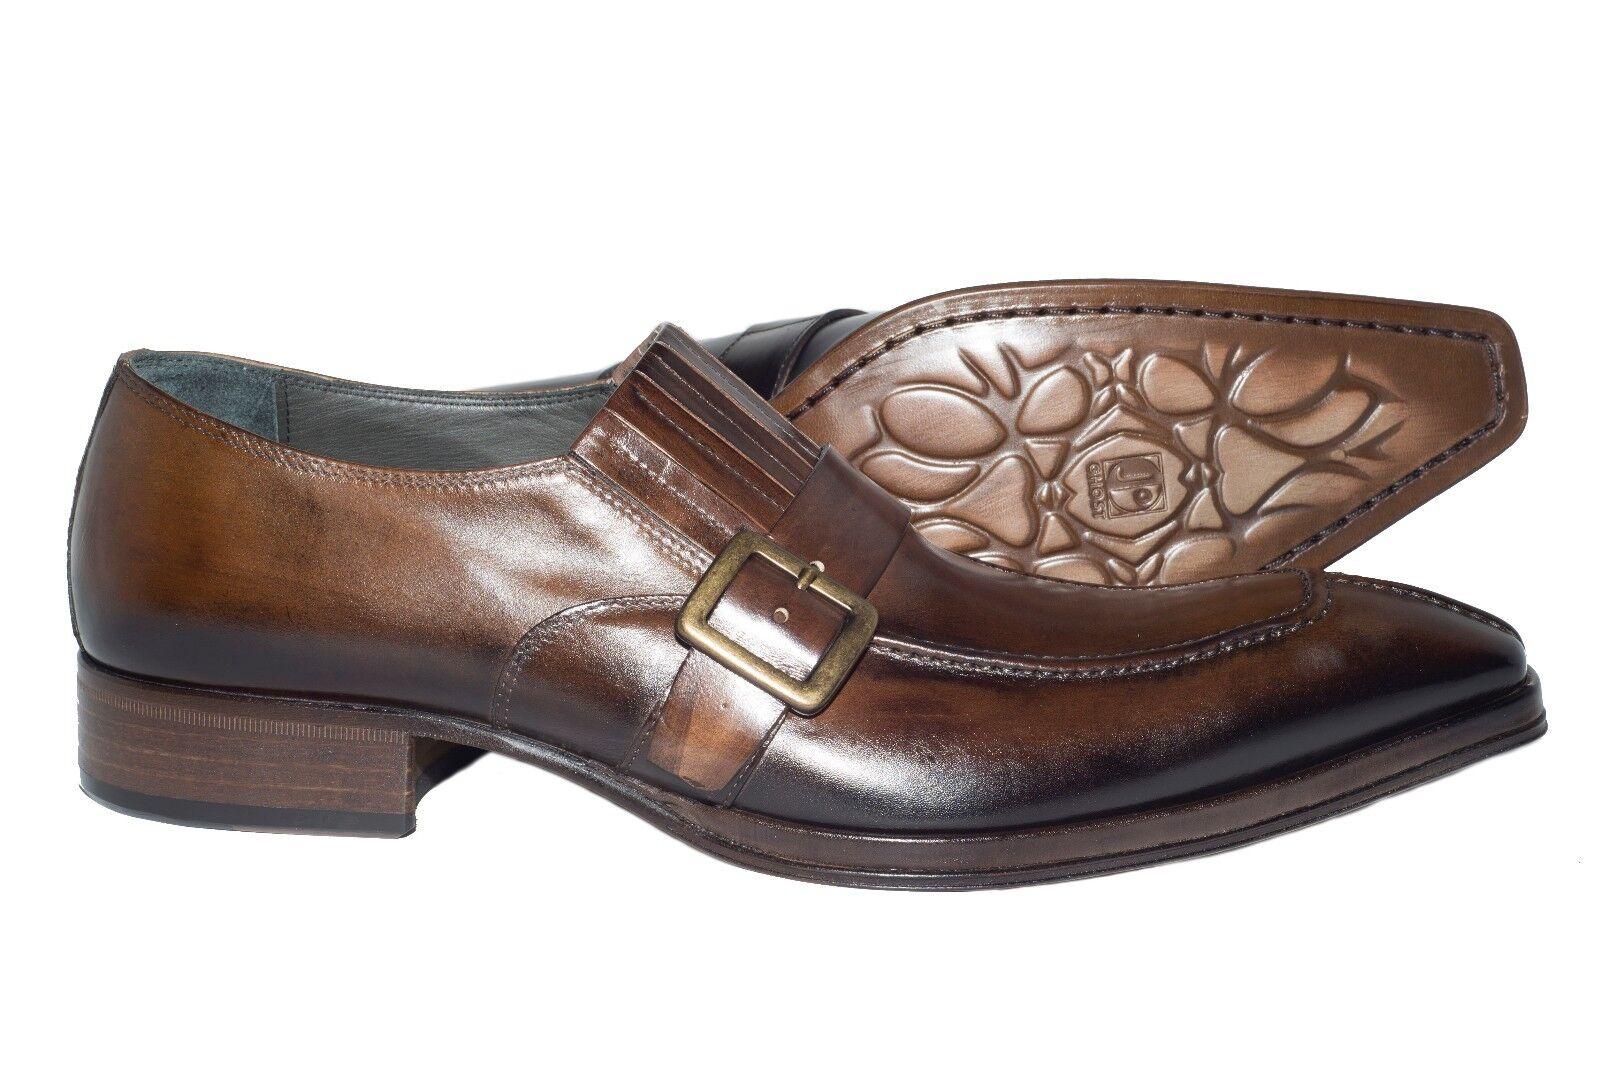 più economico Jo Ghost 158 Italian Uomo Marrone leather slip slip slip on scarpe with buckle  online al miglior prezzo